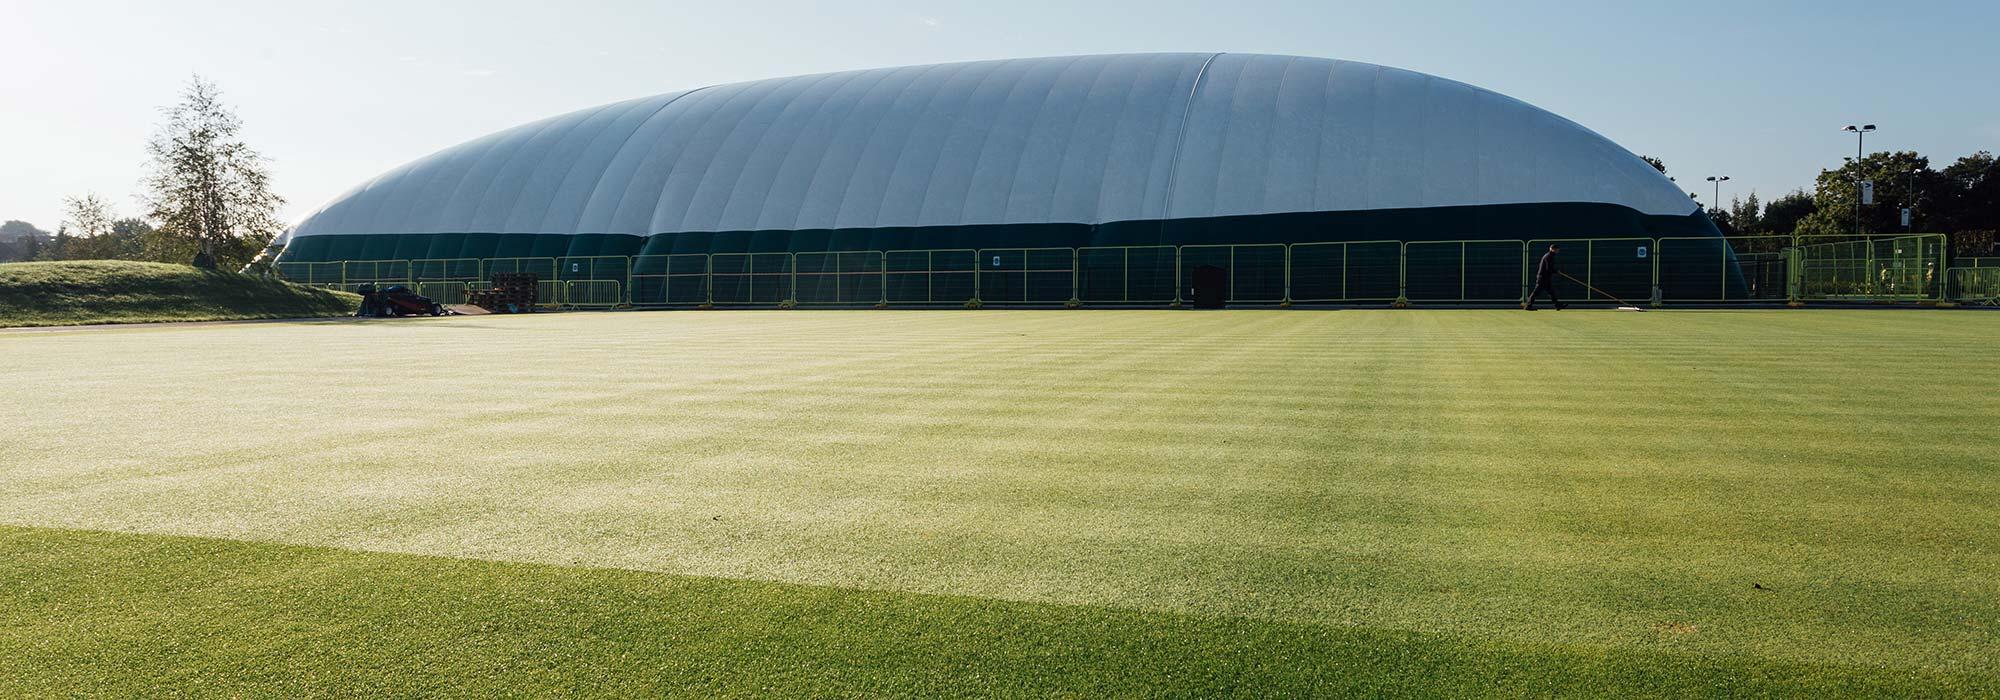 Grass Tennis Court Construction Photo